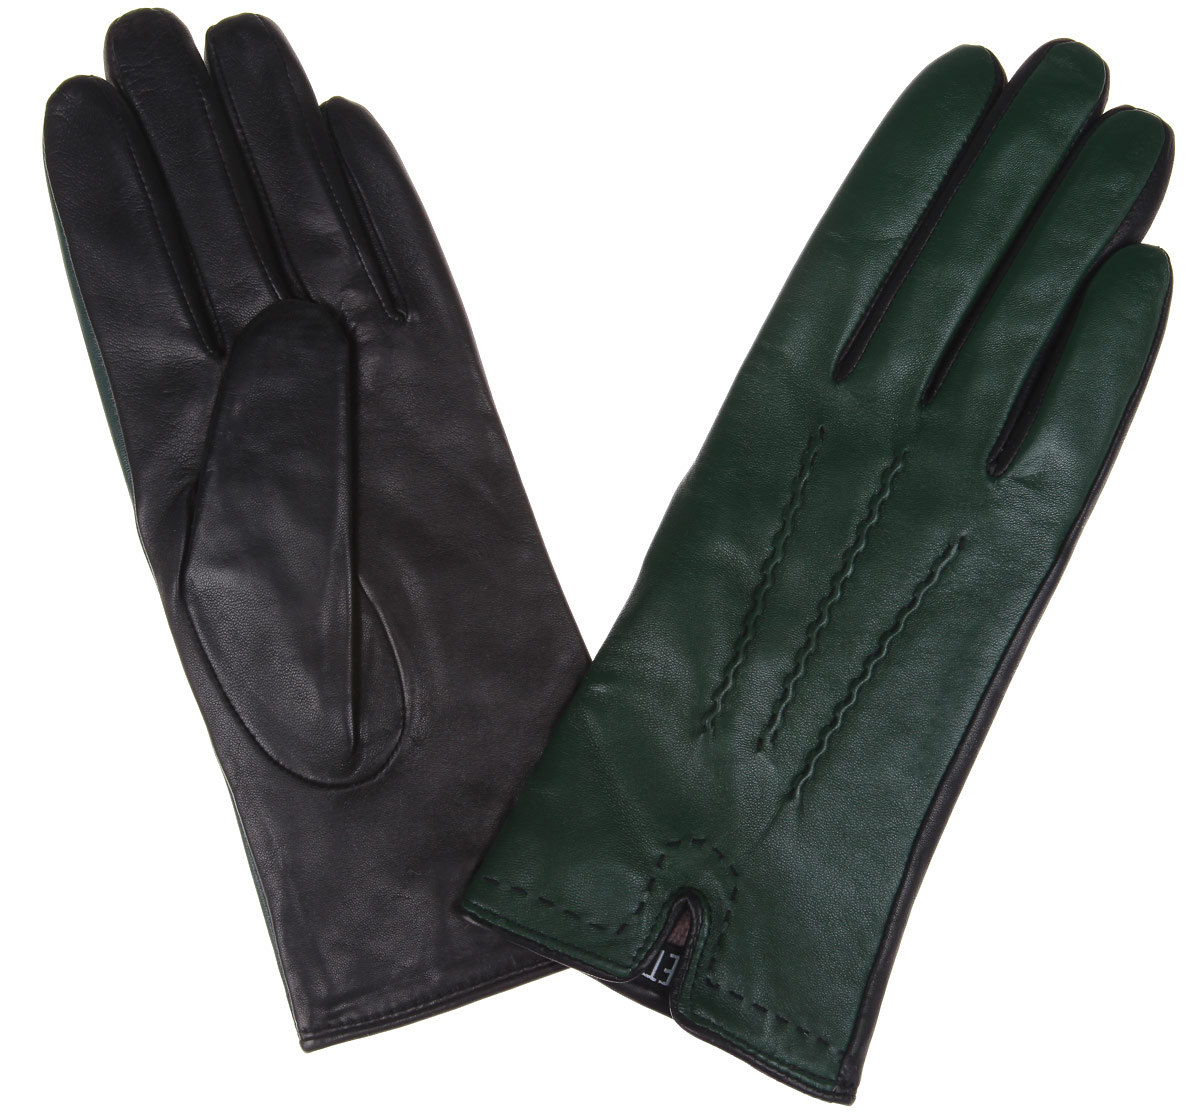 Перчатки женские Fabretti, цвет: темно-зеленый, черный. 2.27-15. Размер 72.27-15Элегантные женские перчатки Fabretti станут великолепным дополнением вашего образа и защитят ваши руки от холода и ветра во время прогулок.Перчатки выполнены из эфиопской перчаточной кожи ягненка на подкладке из шерсти с добавлением кашемира, что позволяет им надежно сохранять тепло. Манжеты с внешней стороны дополнены разрезами. Модель оформлена декоративной прострочкой. Такие перчатки будут оригинальным завершающим штрихом в создании современного модного образа, они подчеркнут ваш изысканный вкус и станут незаменимым и практичным аксессуаром.